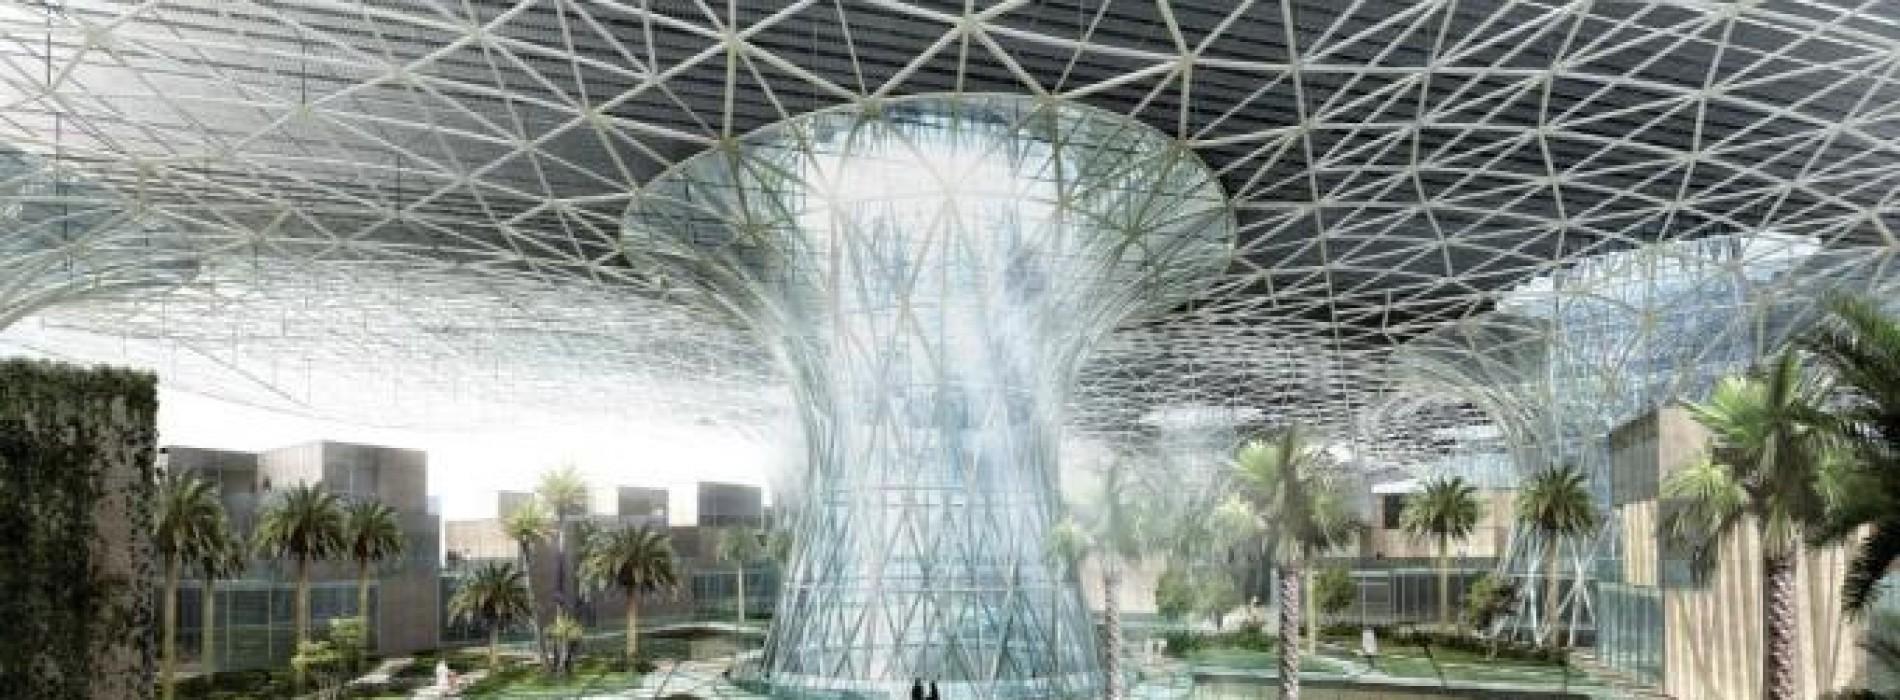 Masdar City – The Future of Energy